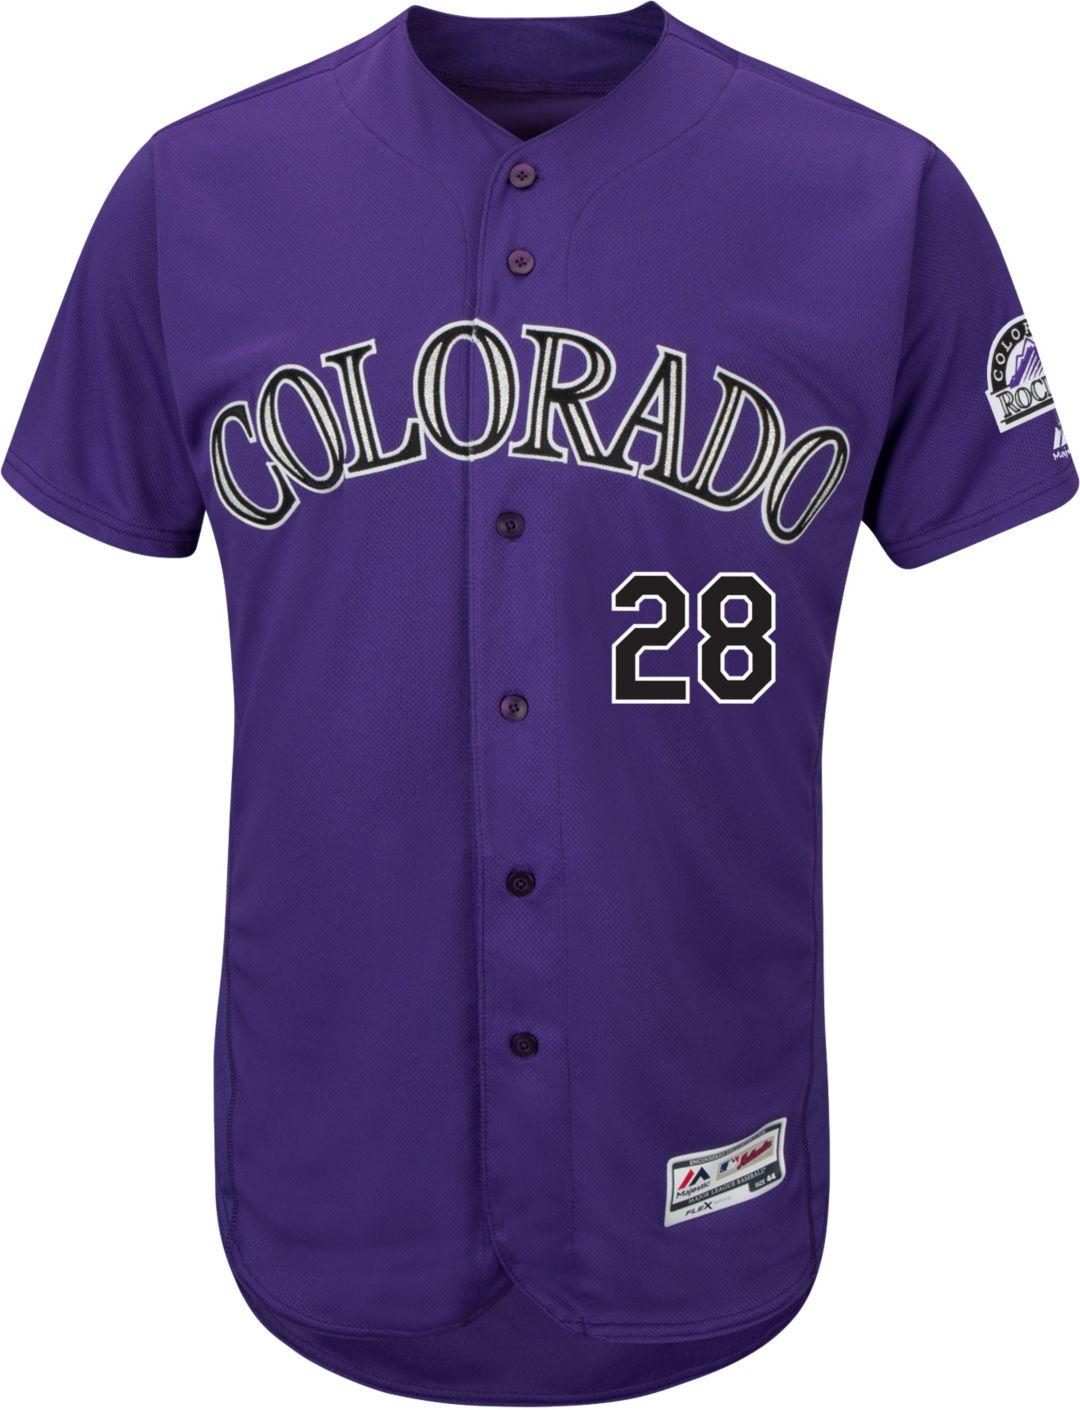 Colorado Jersey Colorado Rockies Rockies Purple Purple